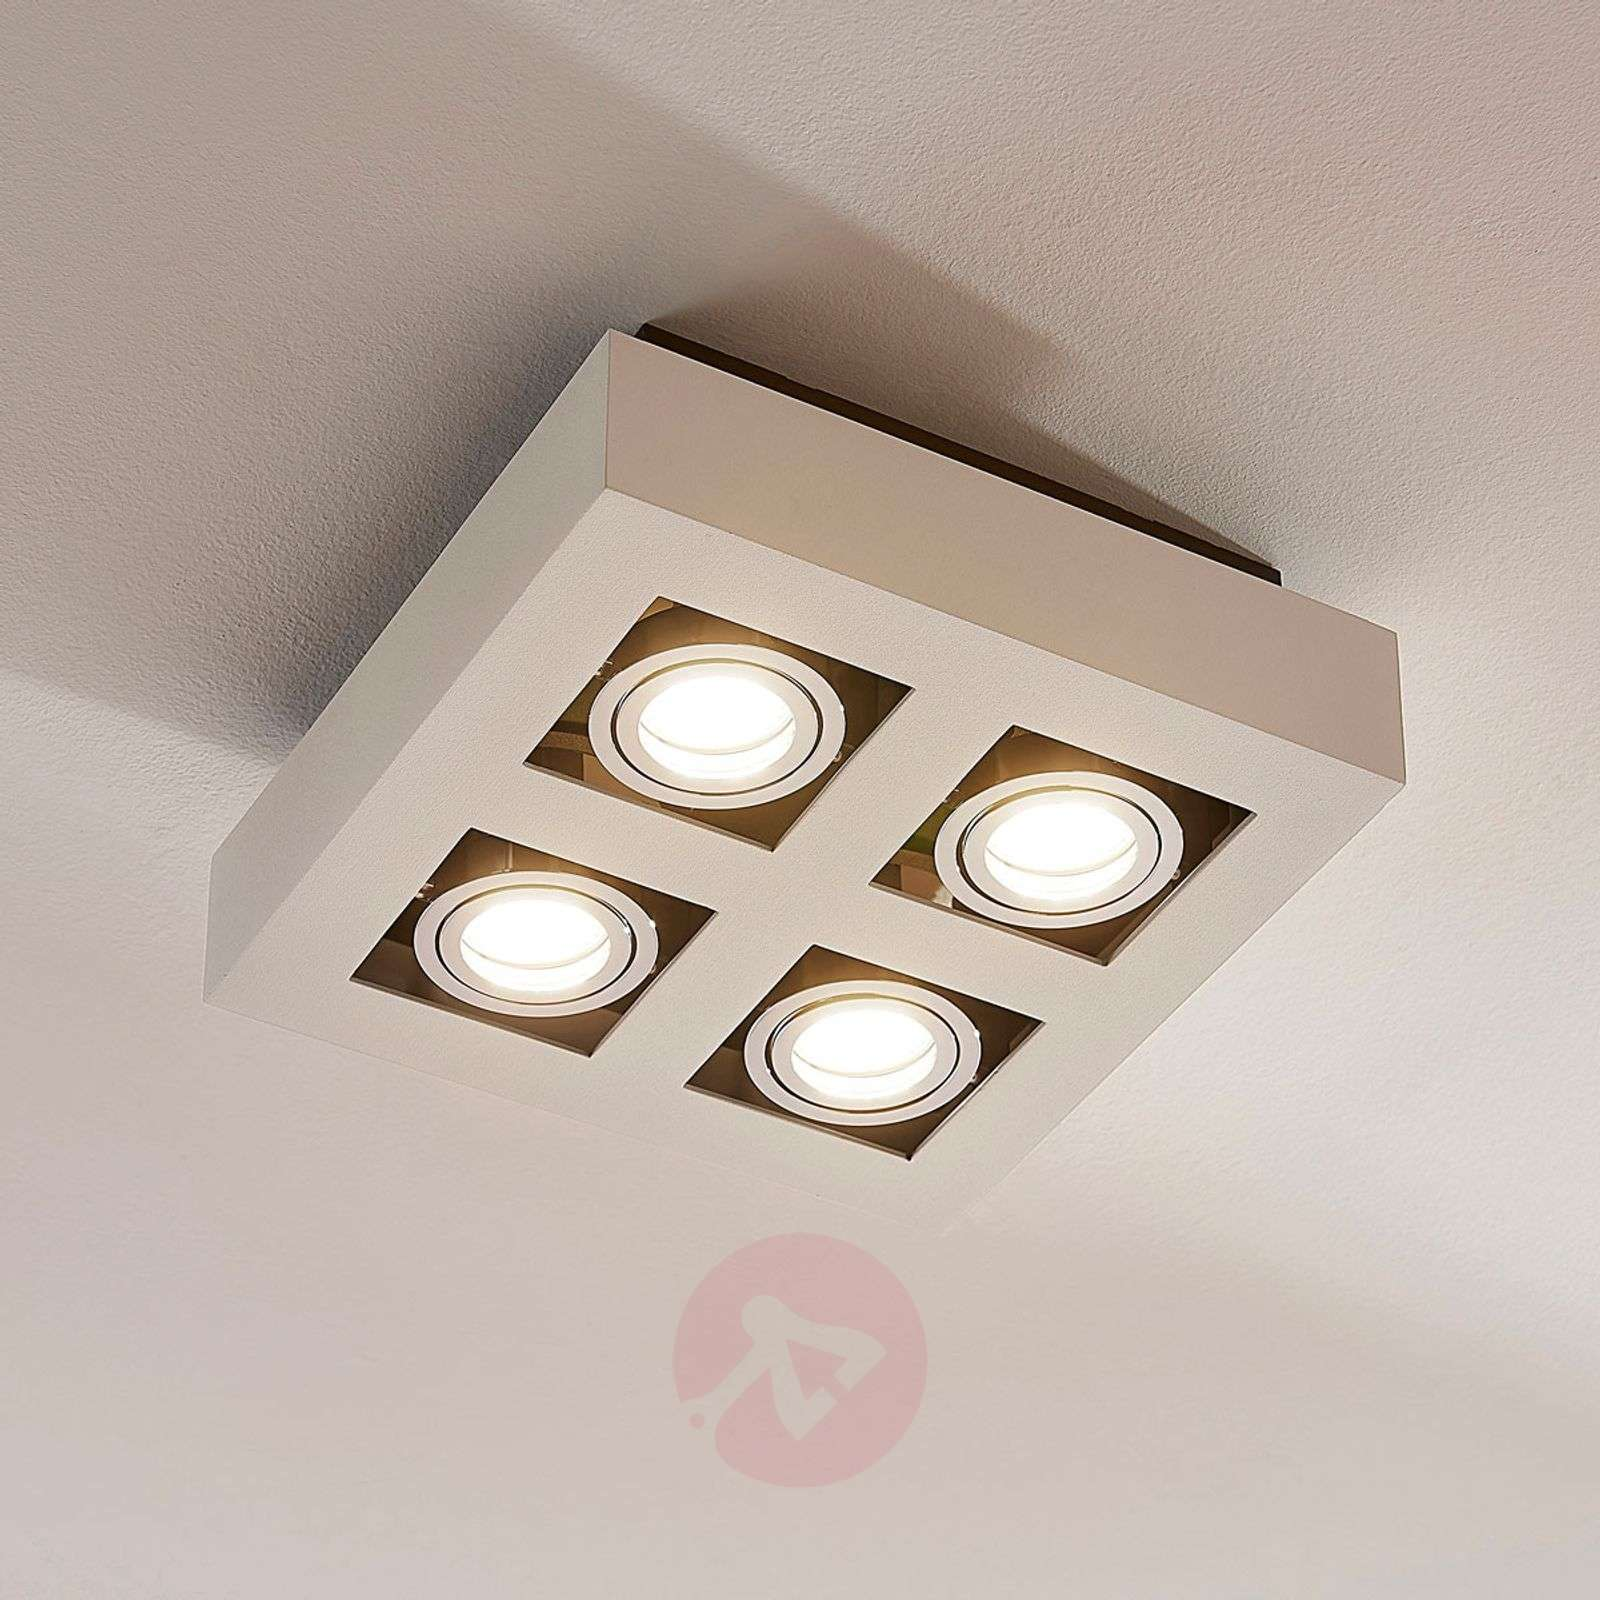 4-lamppuinen LED kattovalaisin Vince valkoisena-9620459-01